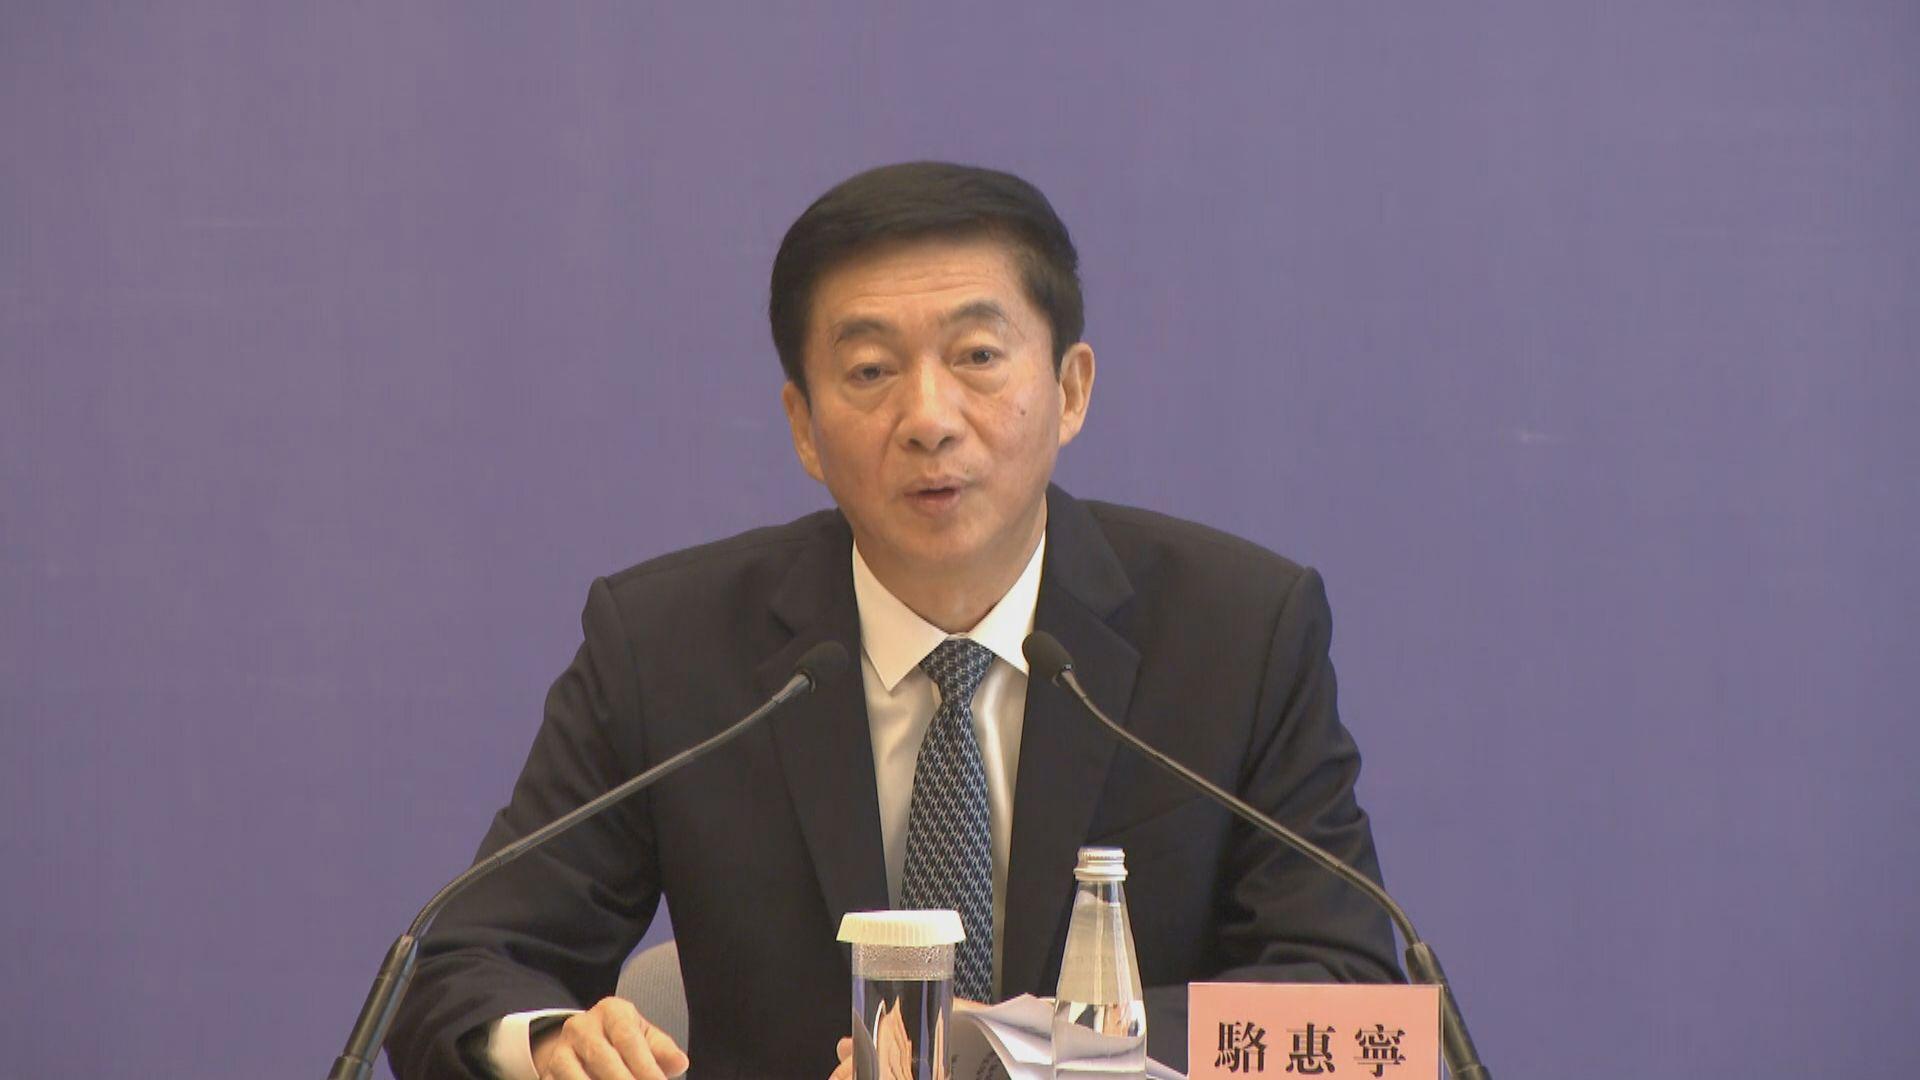 駱惠寧:選委會產生較大比例立會議員更好代表各界利益